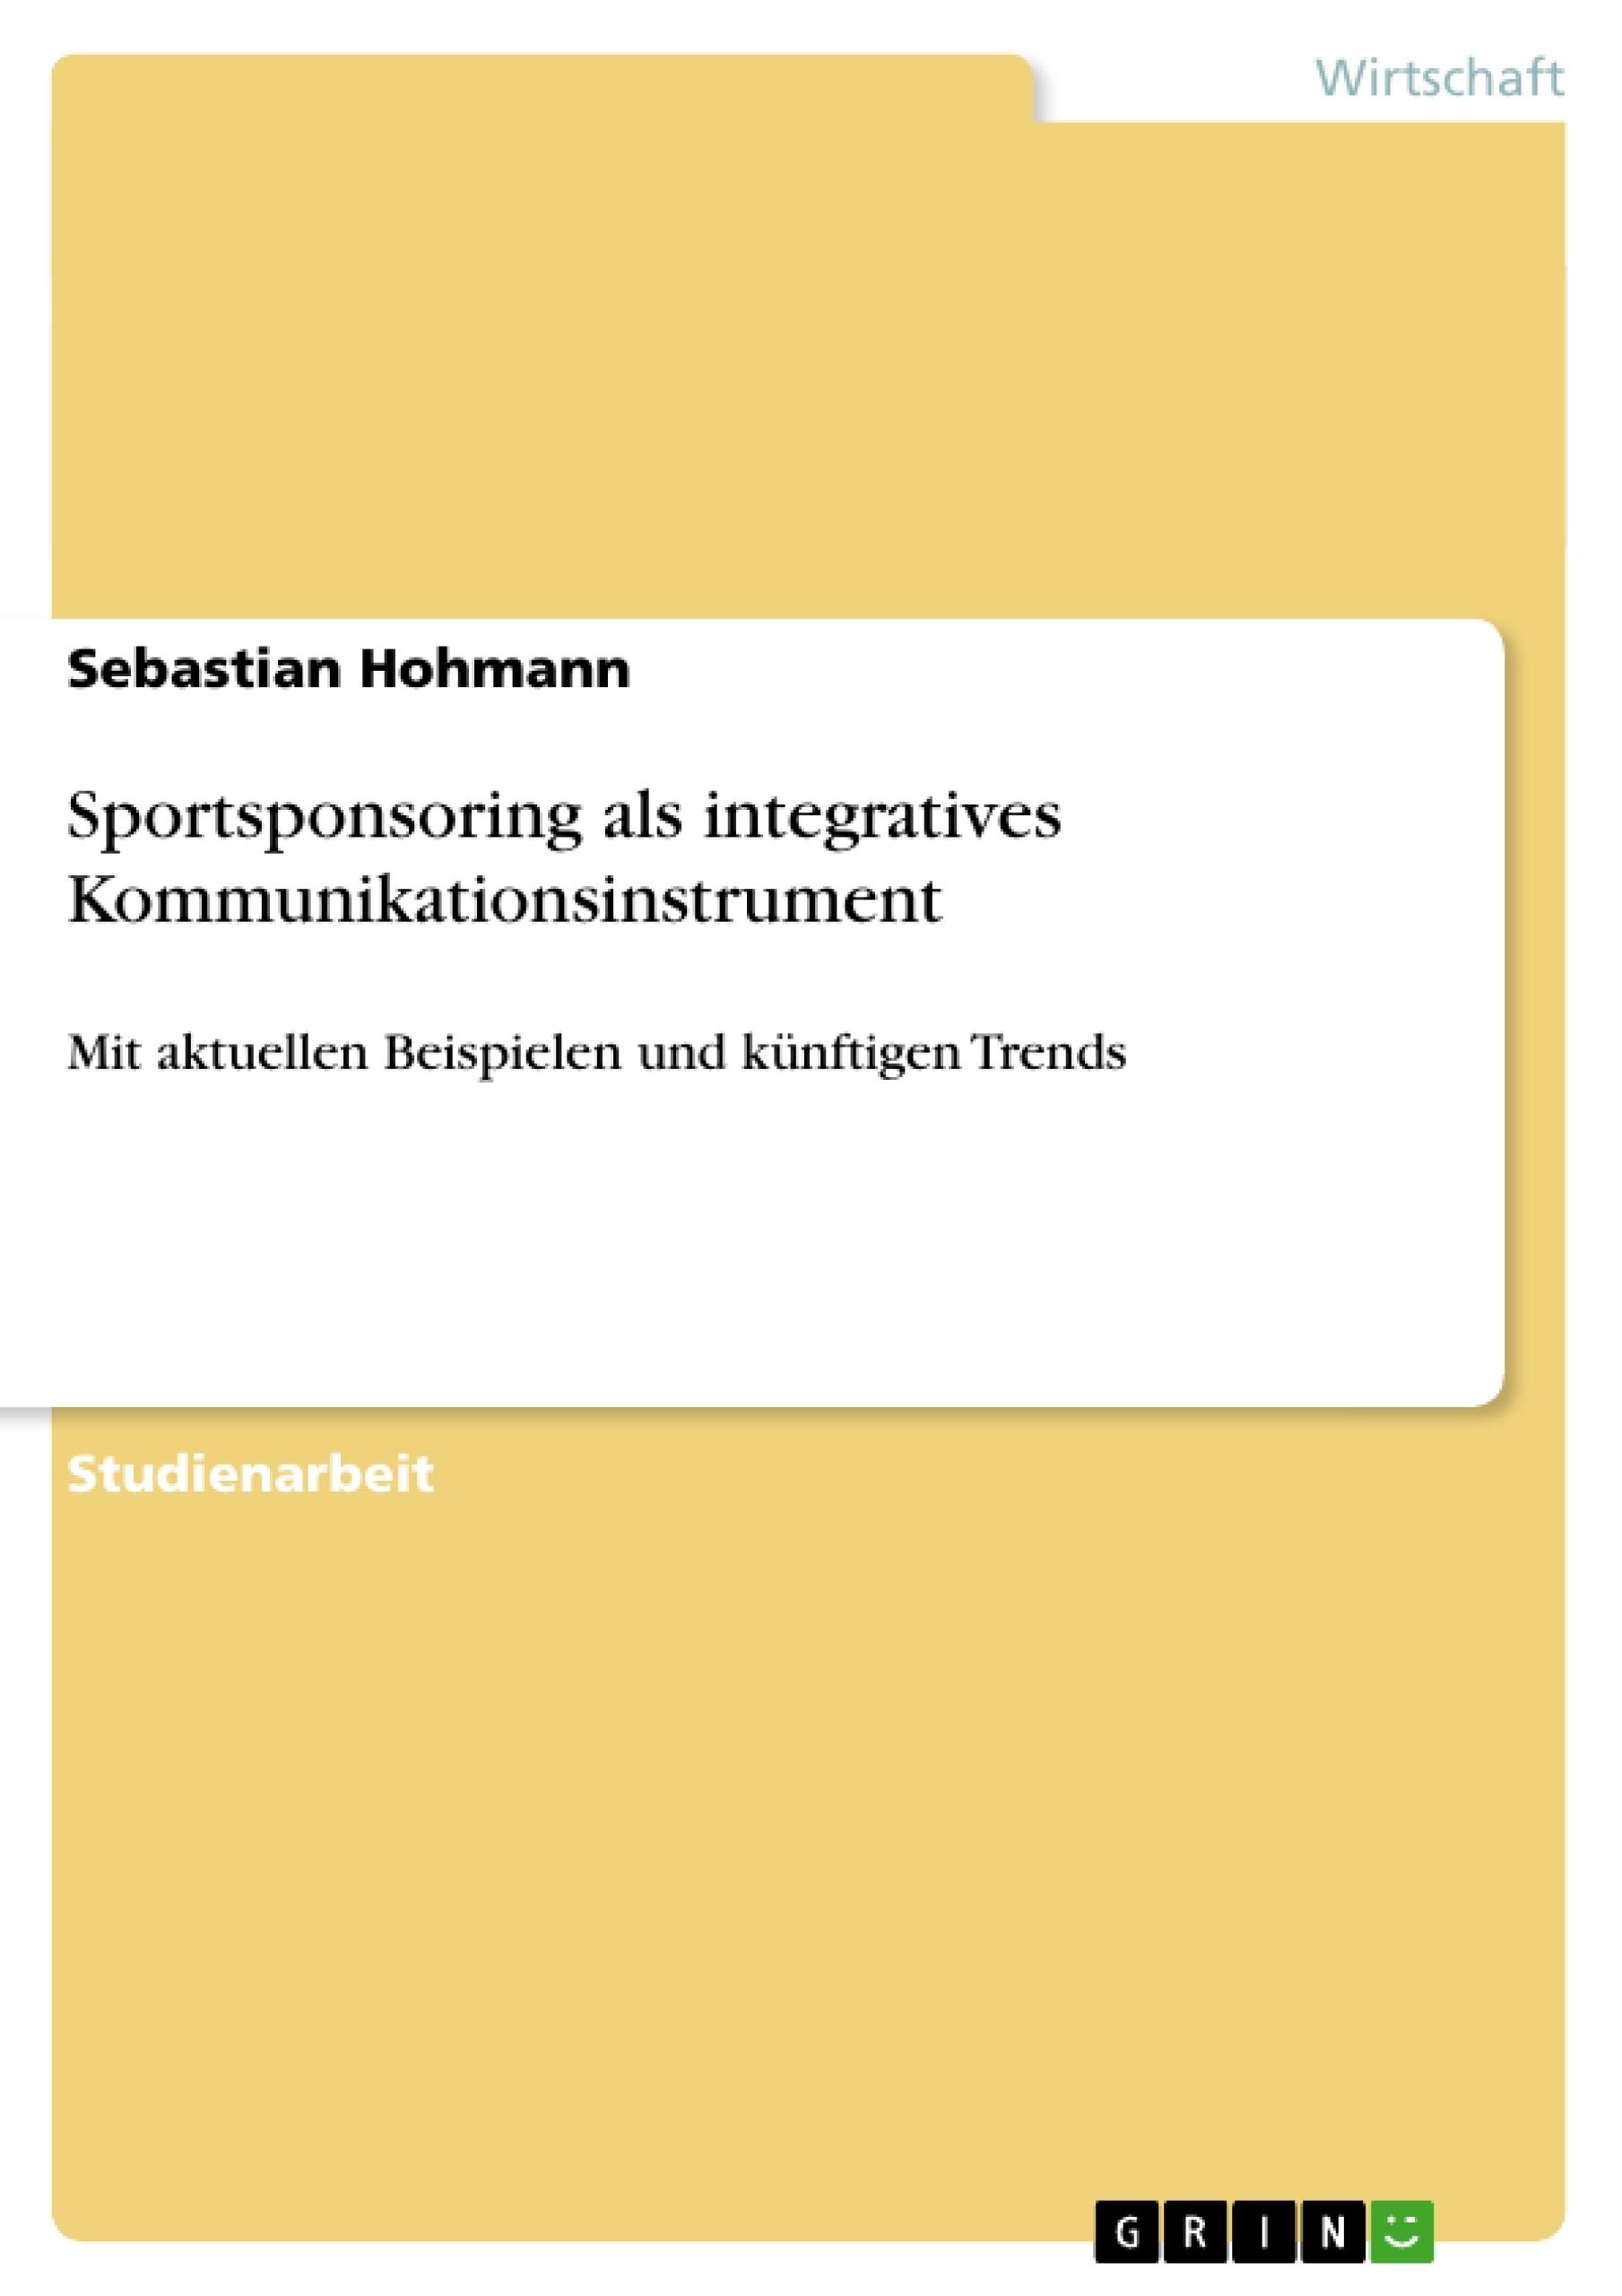 Titel: Sportsponsoring als integratives Kommunikationsinstrument